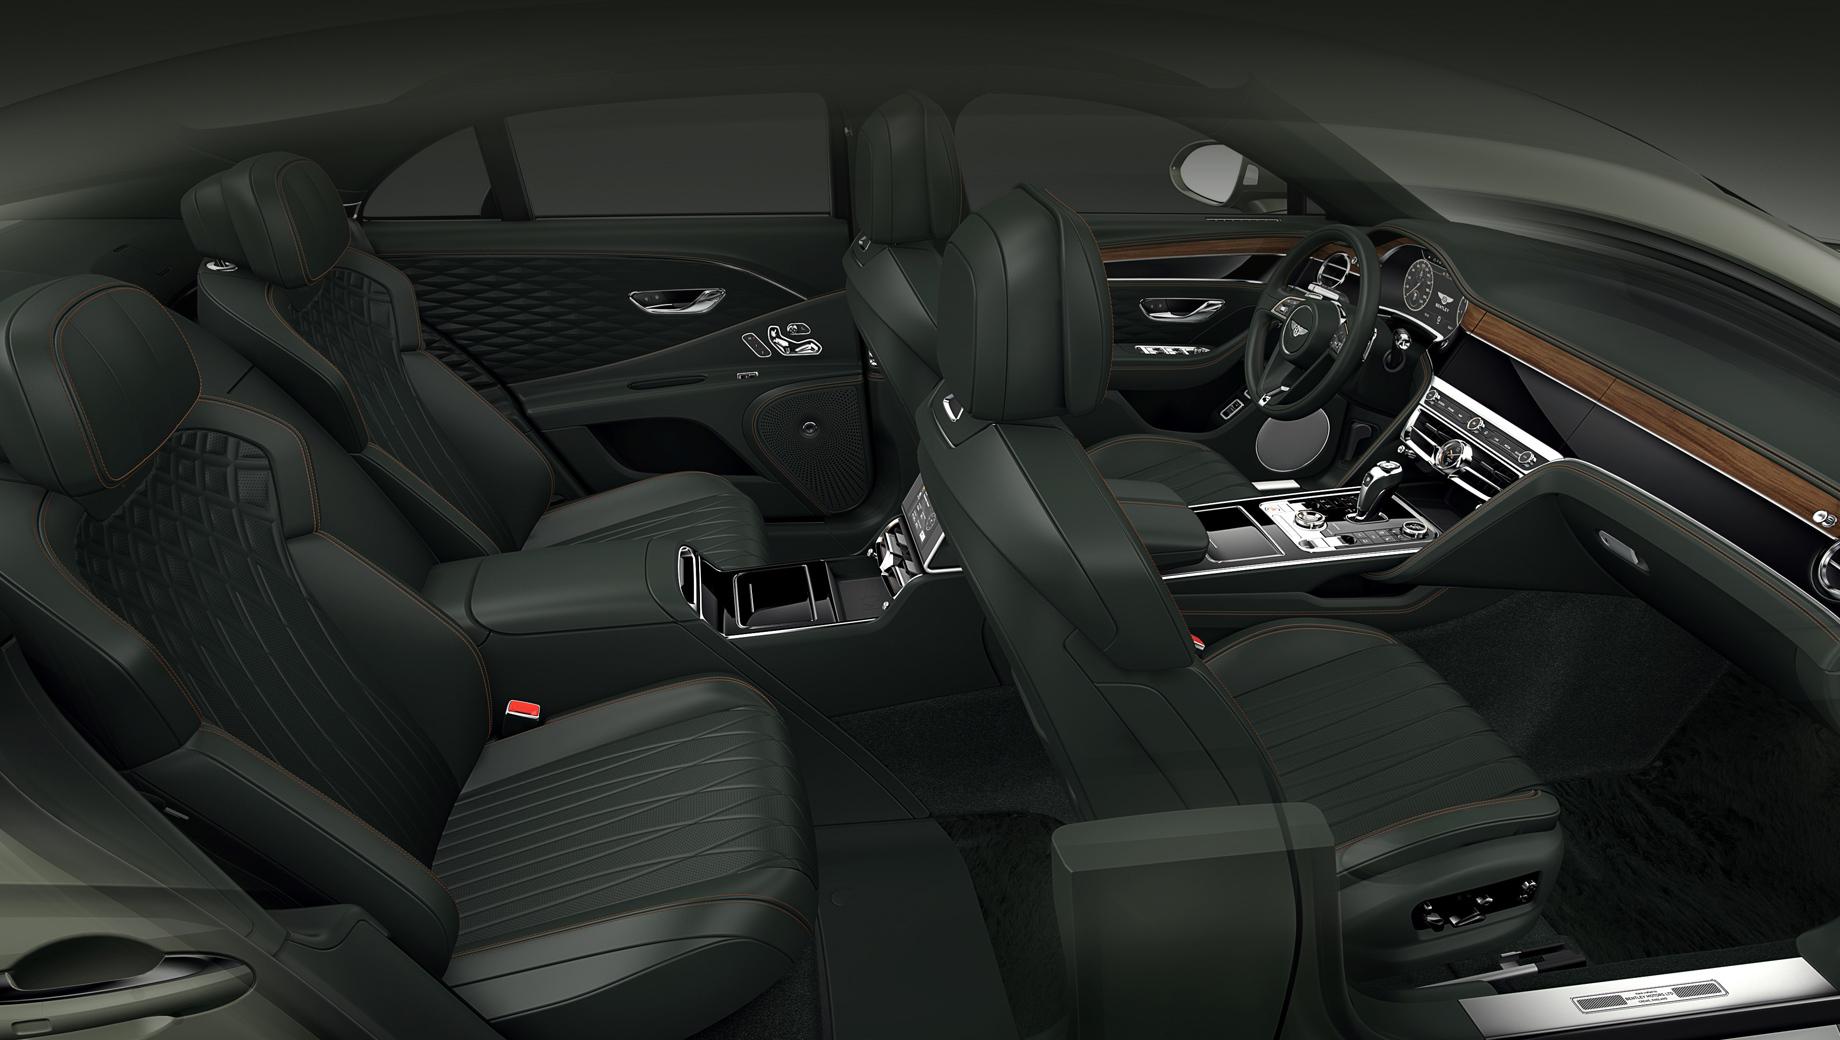 Bentley flying spur. Четыре места — это не просто другие задние сиденья, но полностью перекроенный центральный туннель.